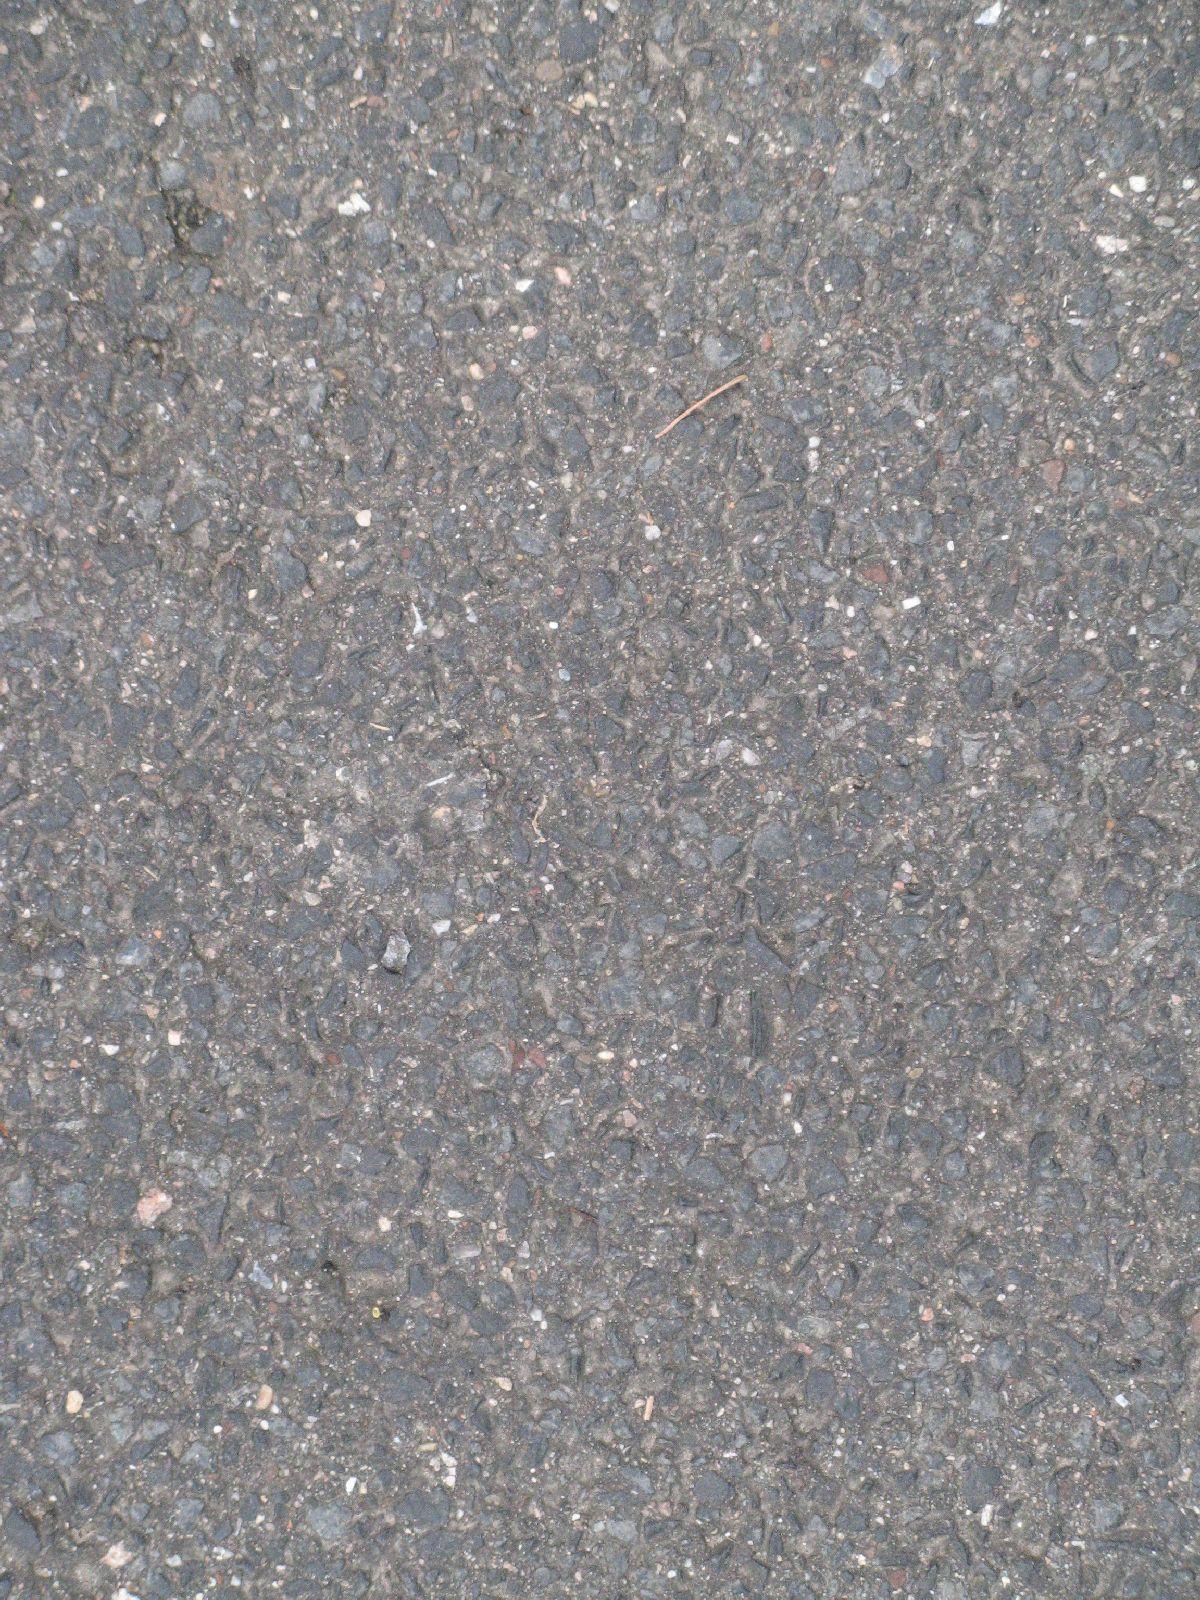 Ground-Urban_Texture_B_02345